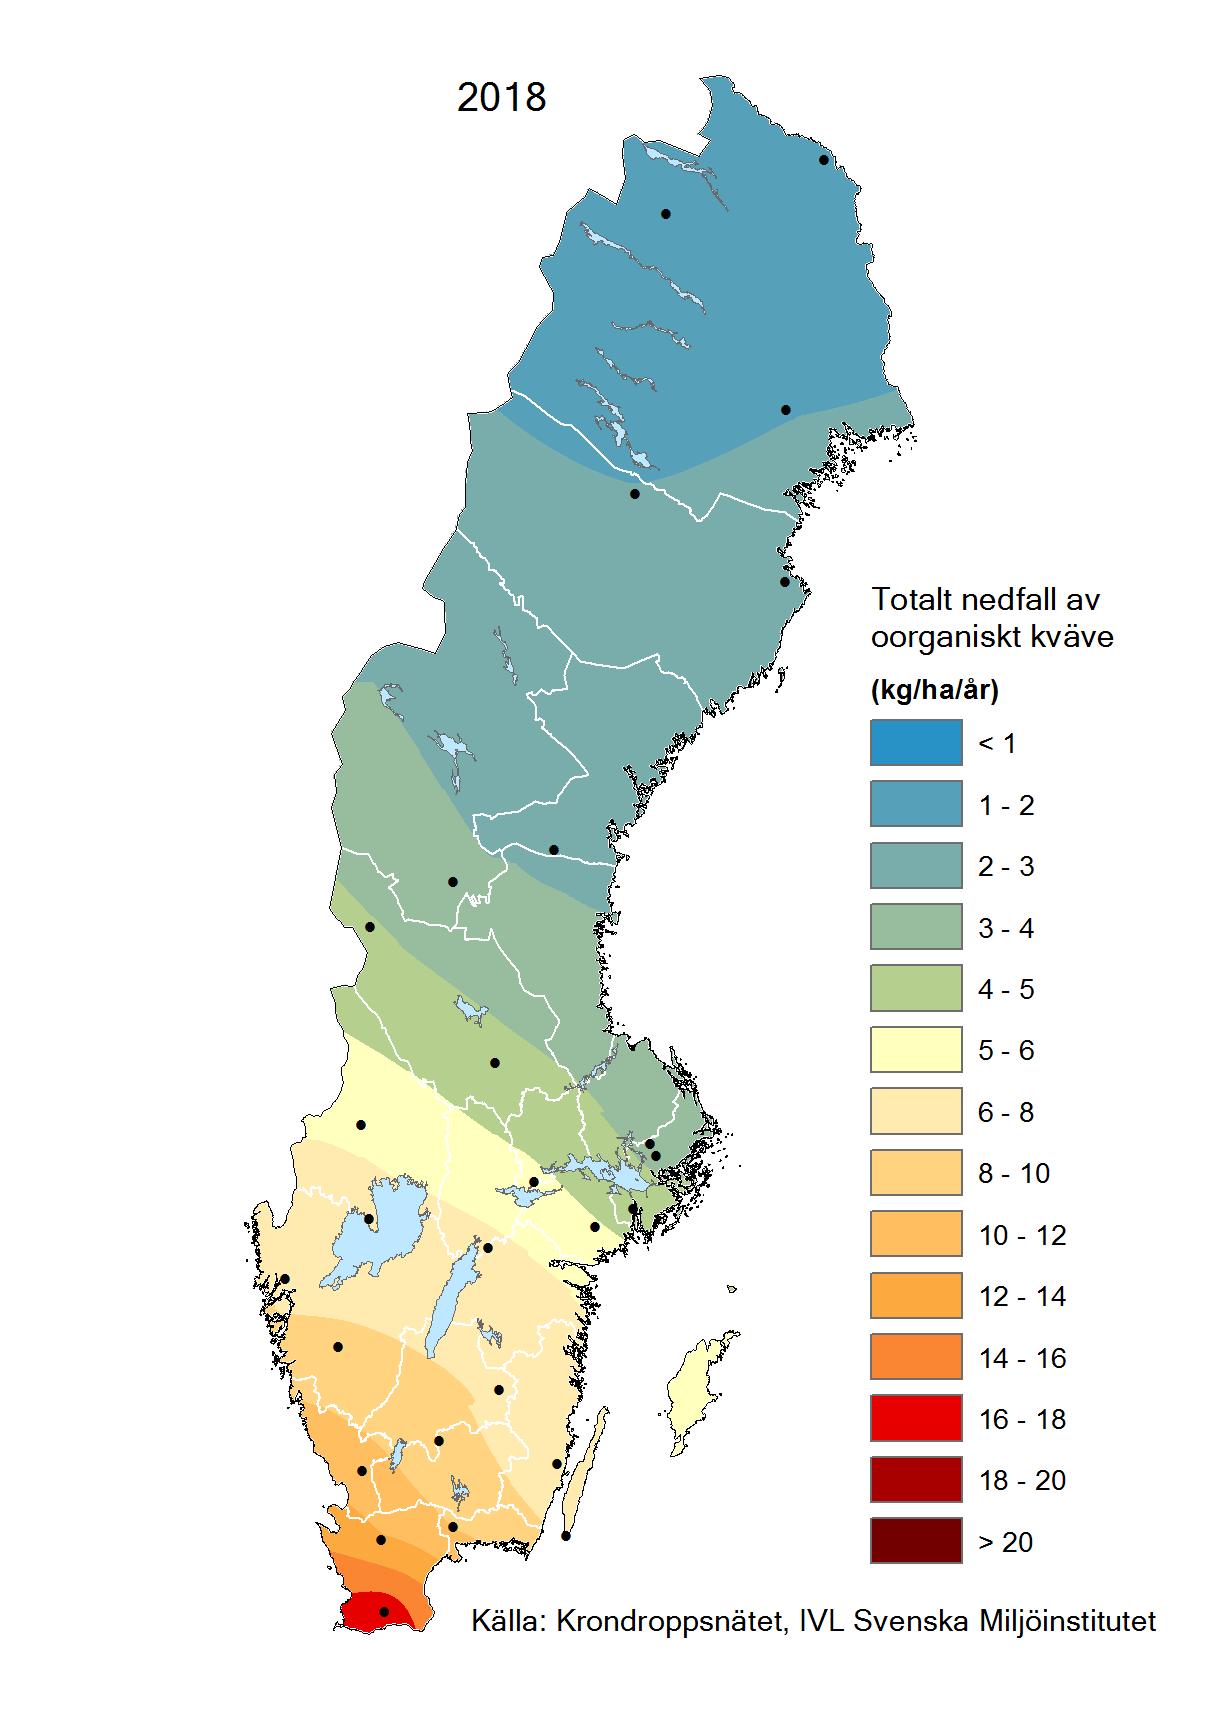 Totalt nedfall av oorganiskt kväve till barrskog 2018